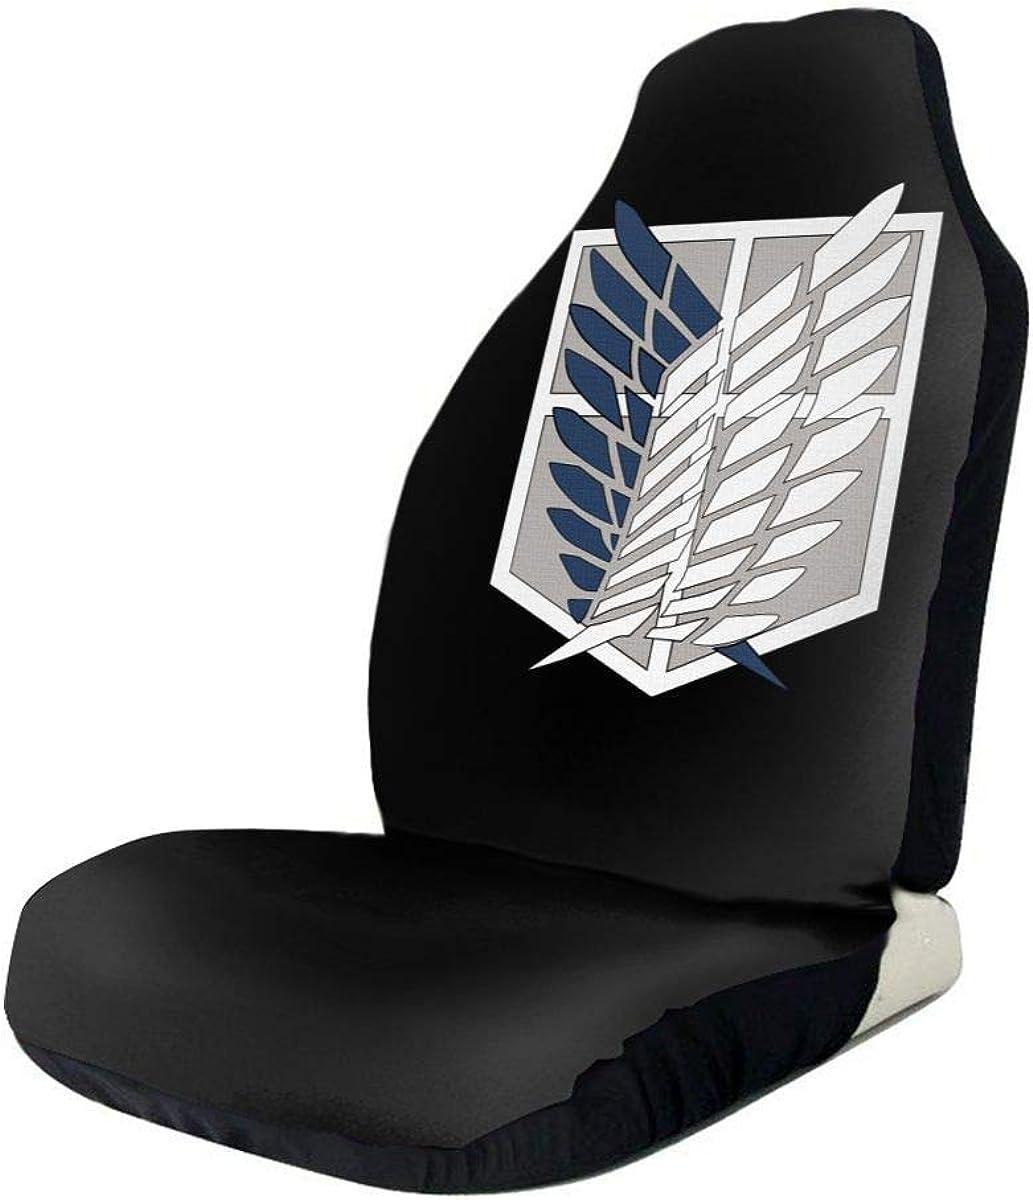 Protect U Attack On Titan Autositzbezug Insgesamt Umgeben Universal Fit Autositzbezug 1 // 2PCS 1 PCS /& Acirc